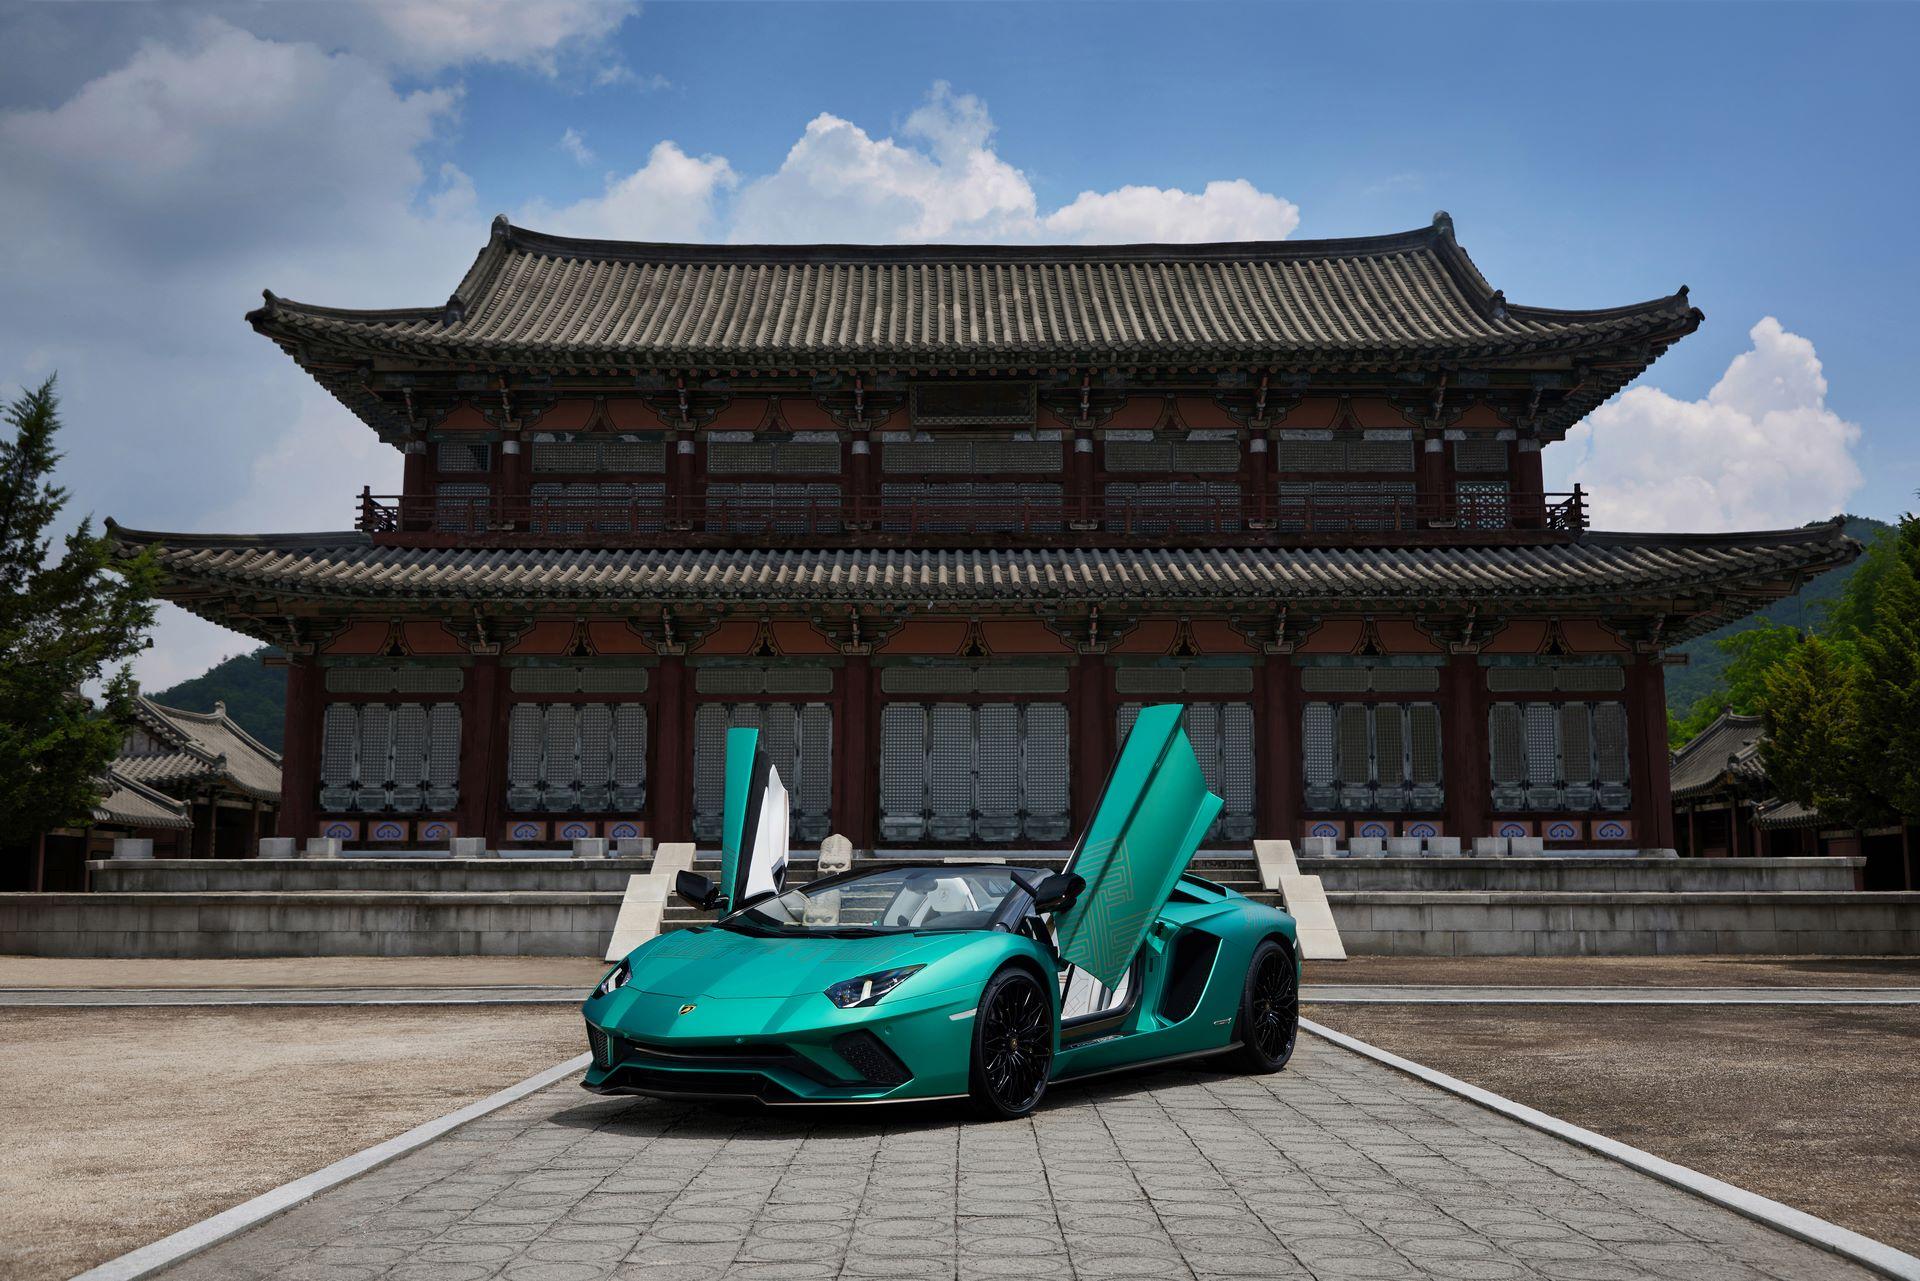 Lamborghini-Aventador-S-Roadster-Korean-Special-Series-2